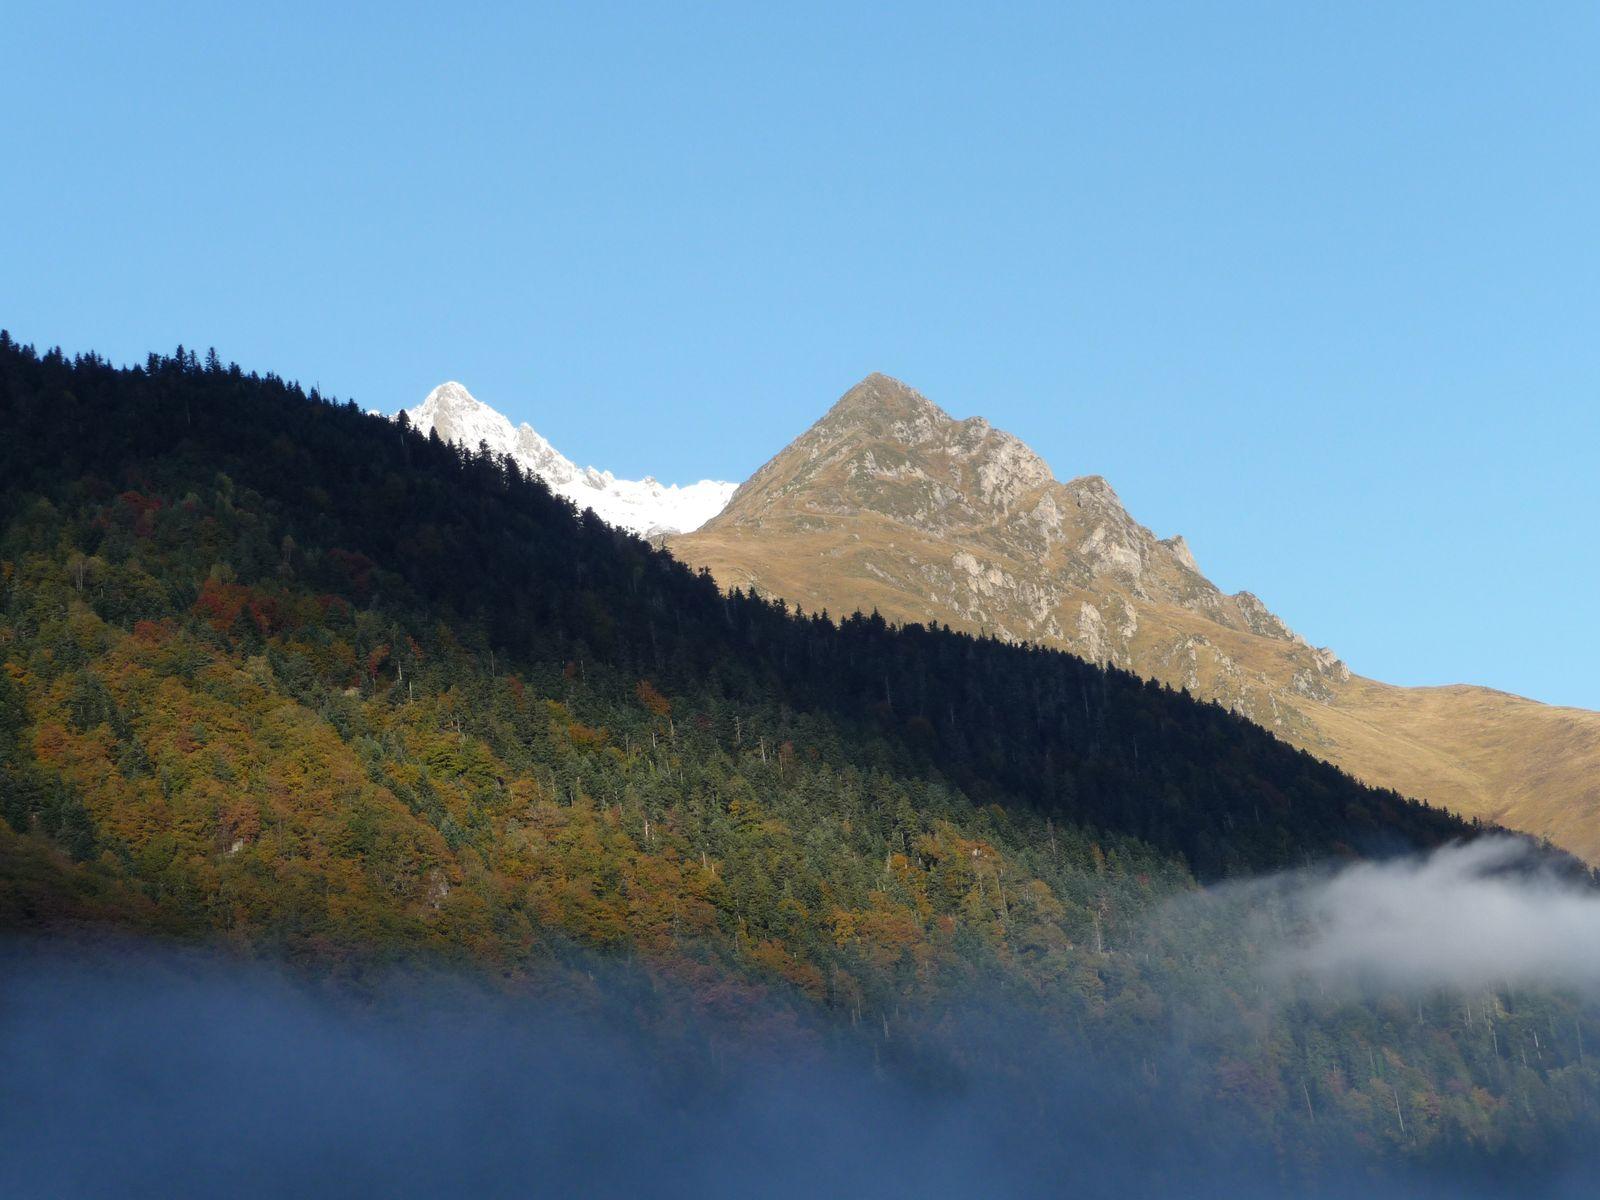 Pic de l'Arbizon en vallée d'Aure - Pyrénées